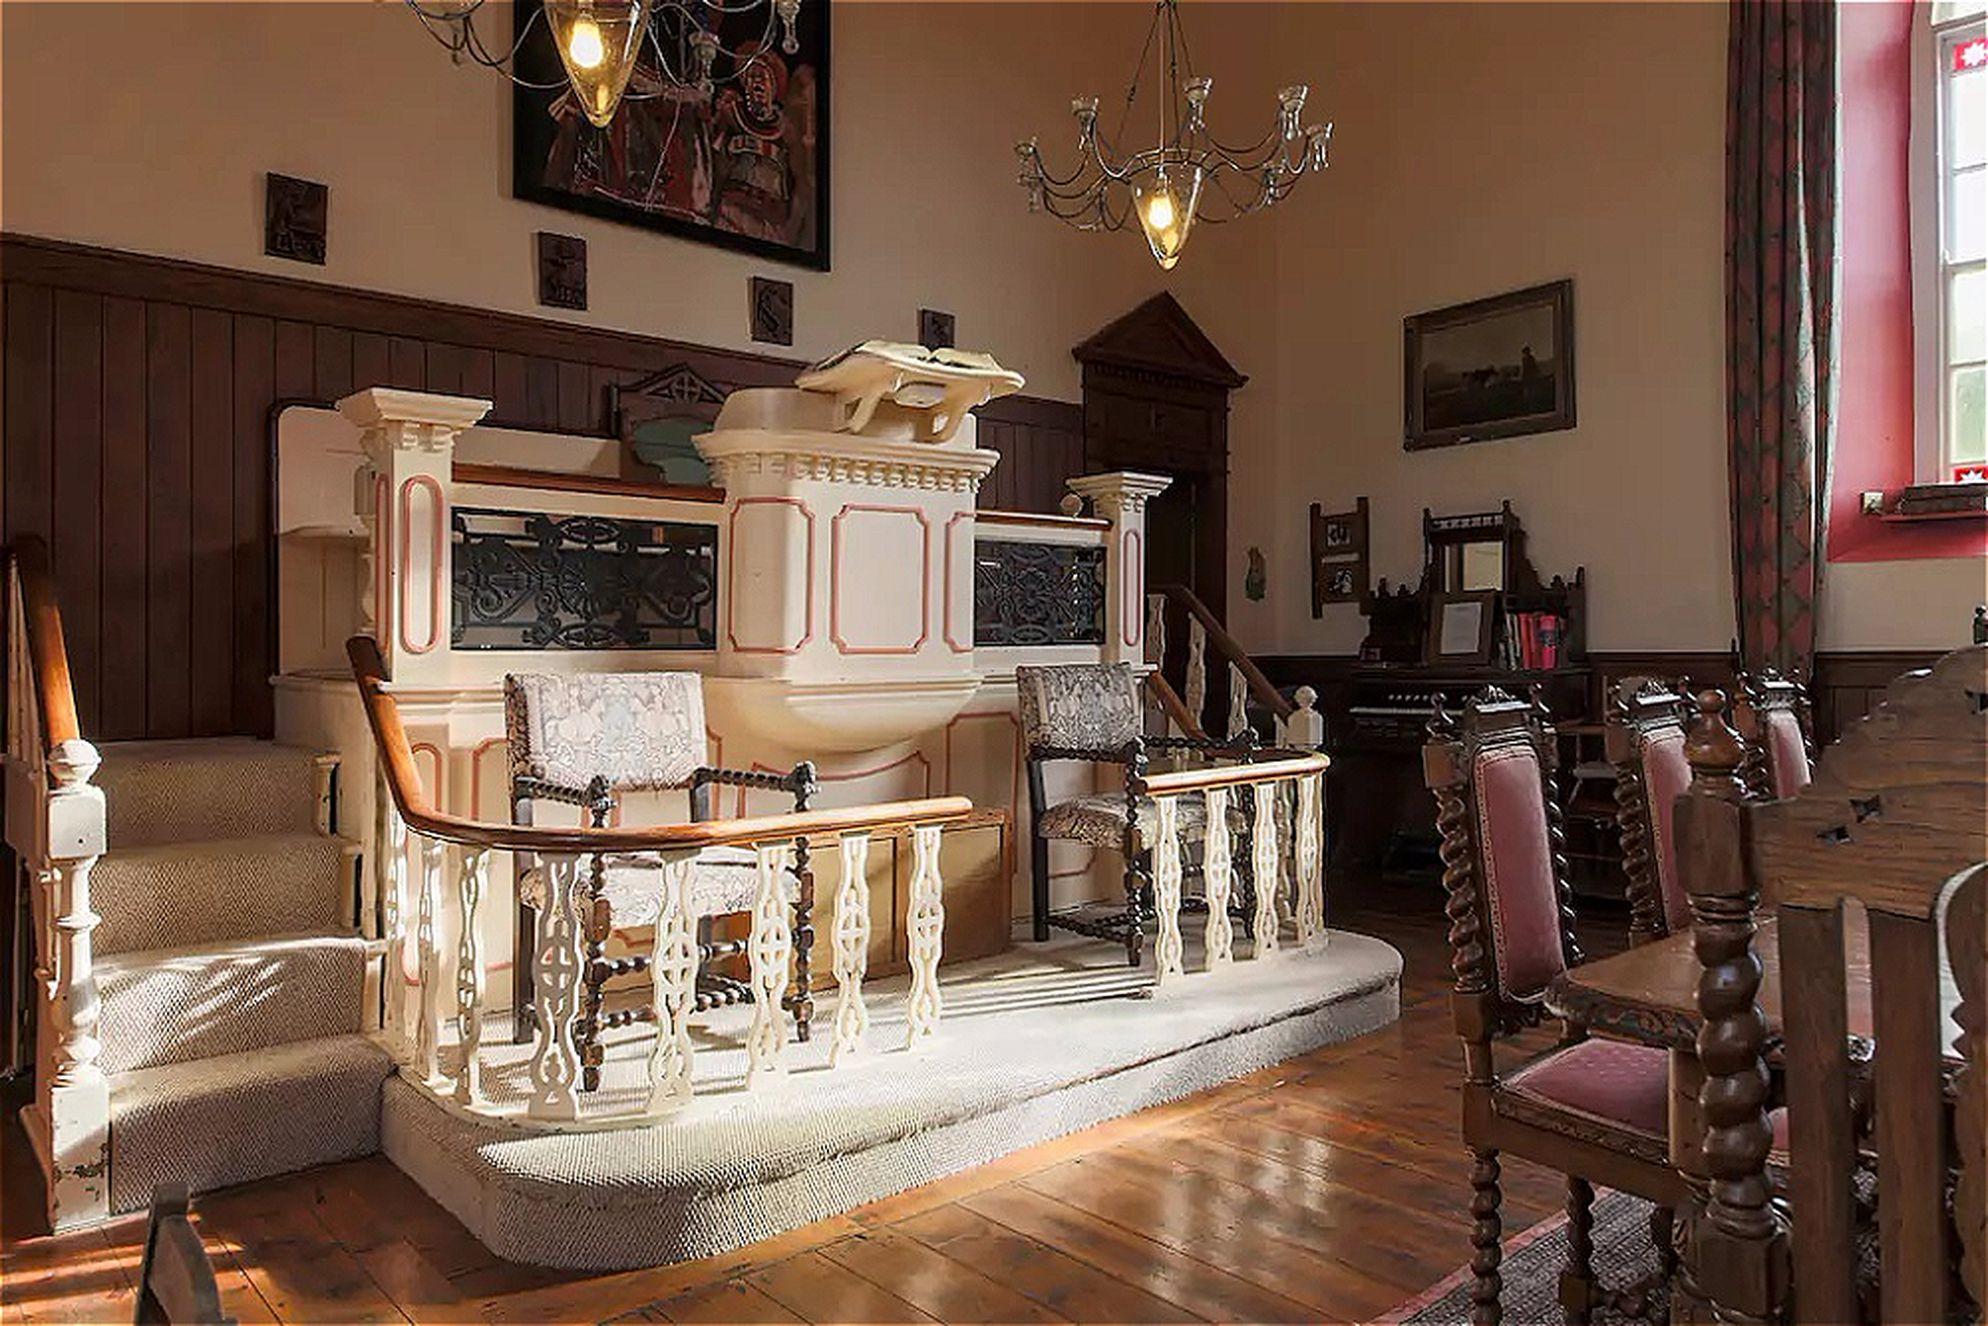 Original pulpit still in situ